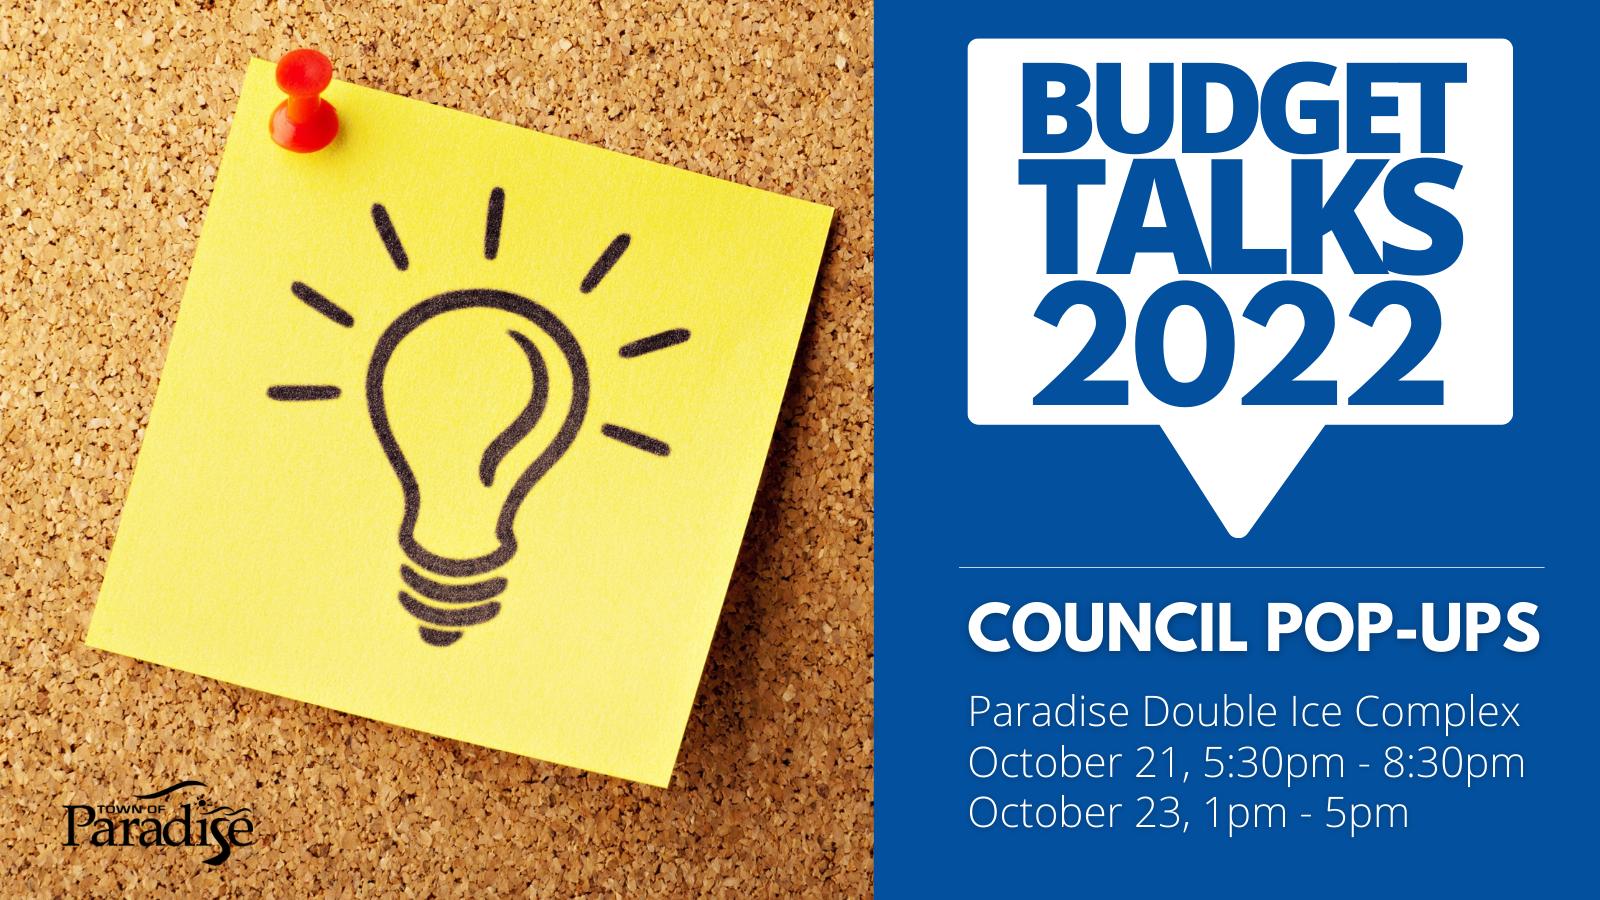 Budget Talks 2022 Council Pop-Ups